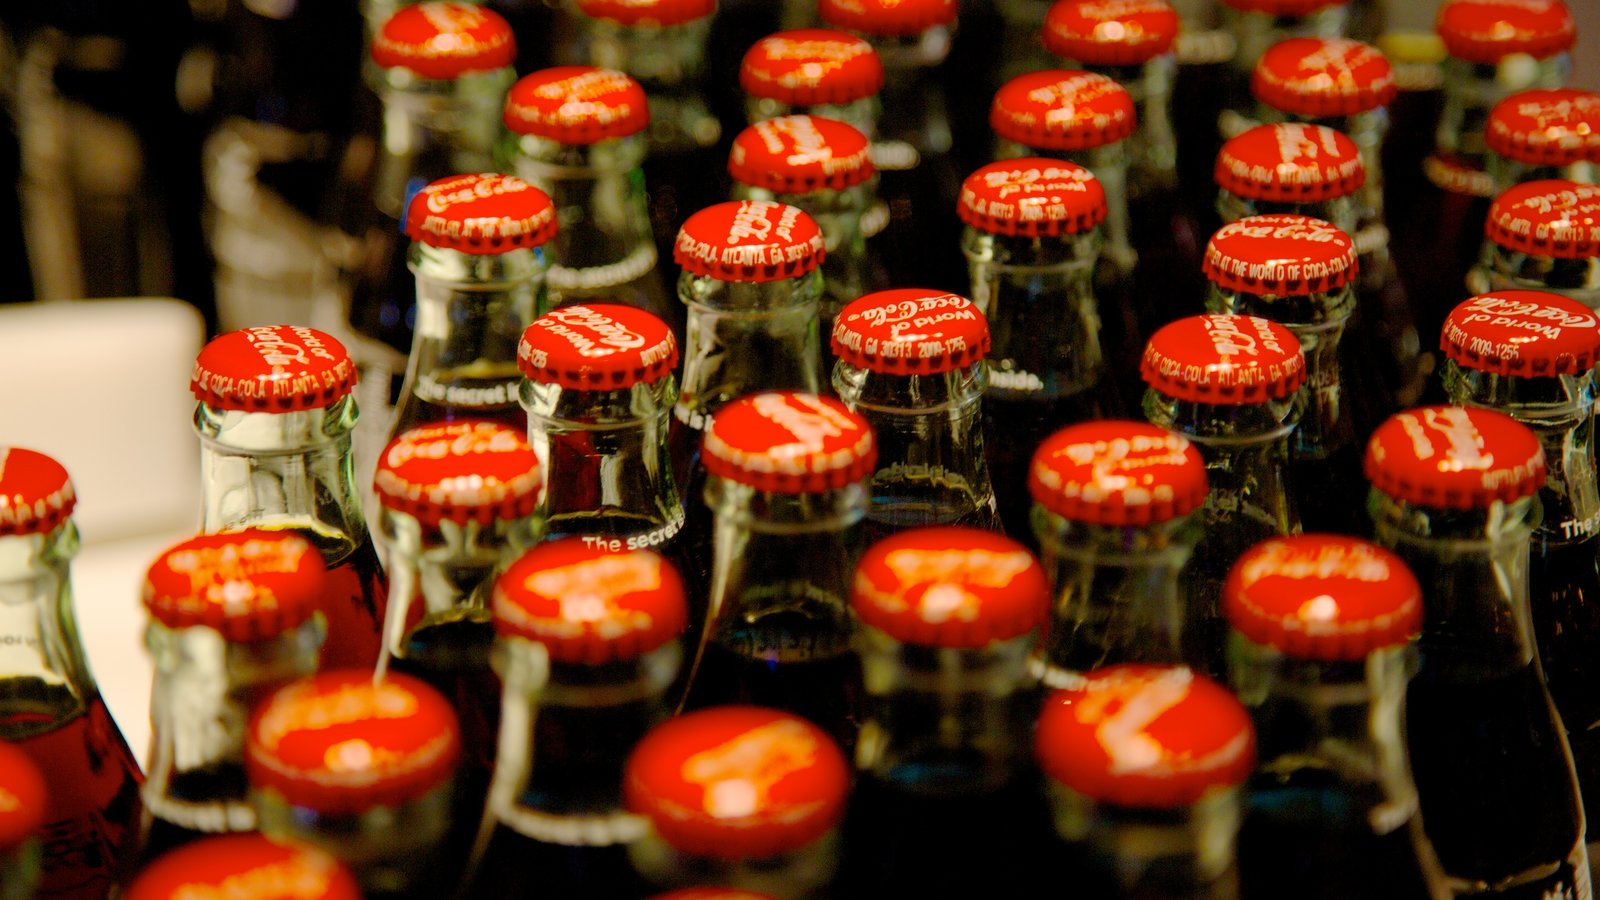 Mundo da Coca-Cola que inclui bebidas e vistas internas